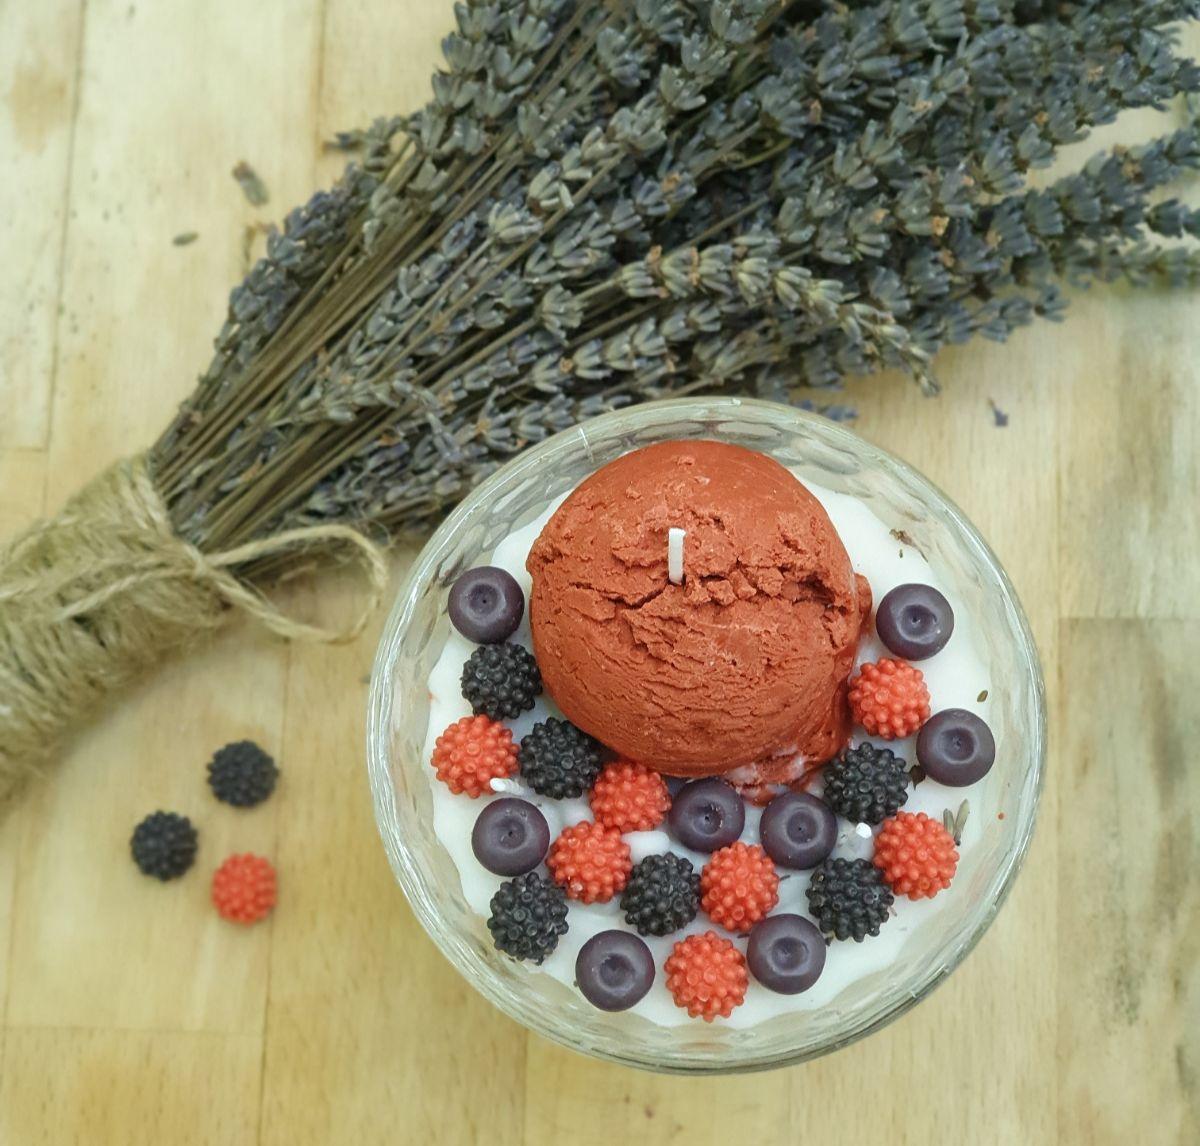 lumanari decorative ice cream berries notturno candles